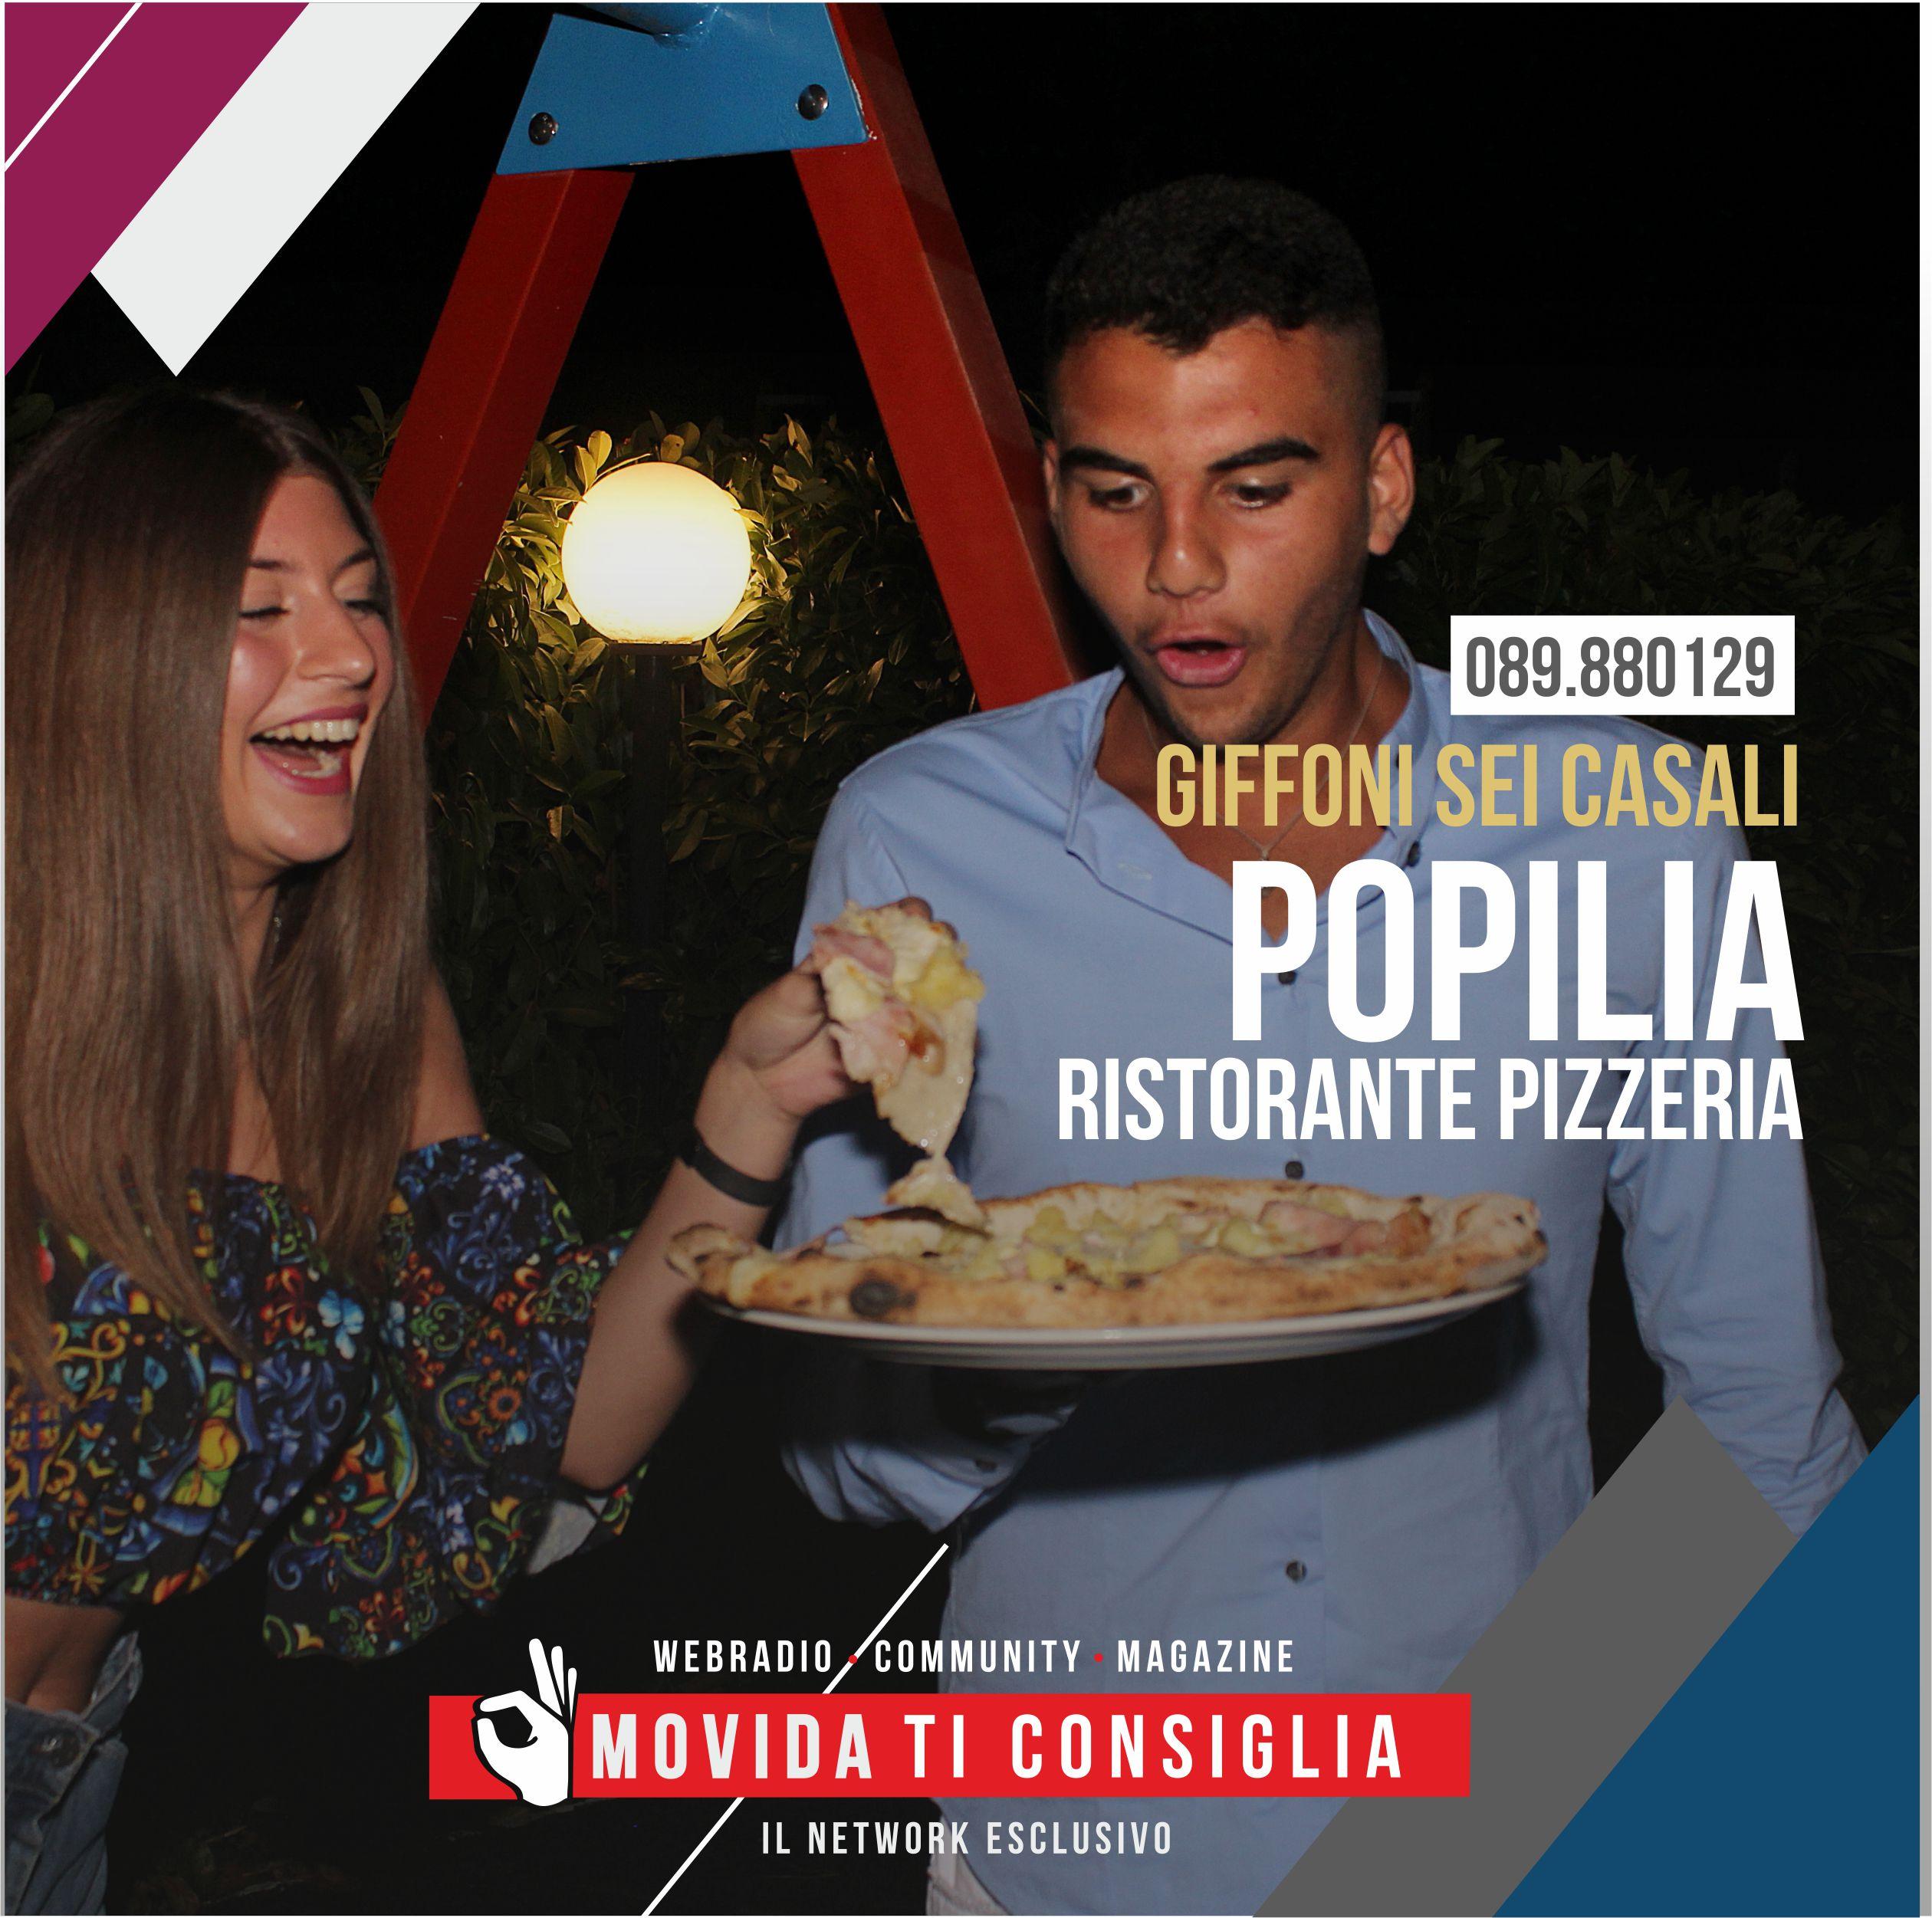 POPILIA_MOVIDA TI CONSIGLIA